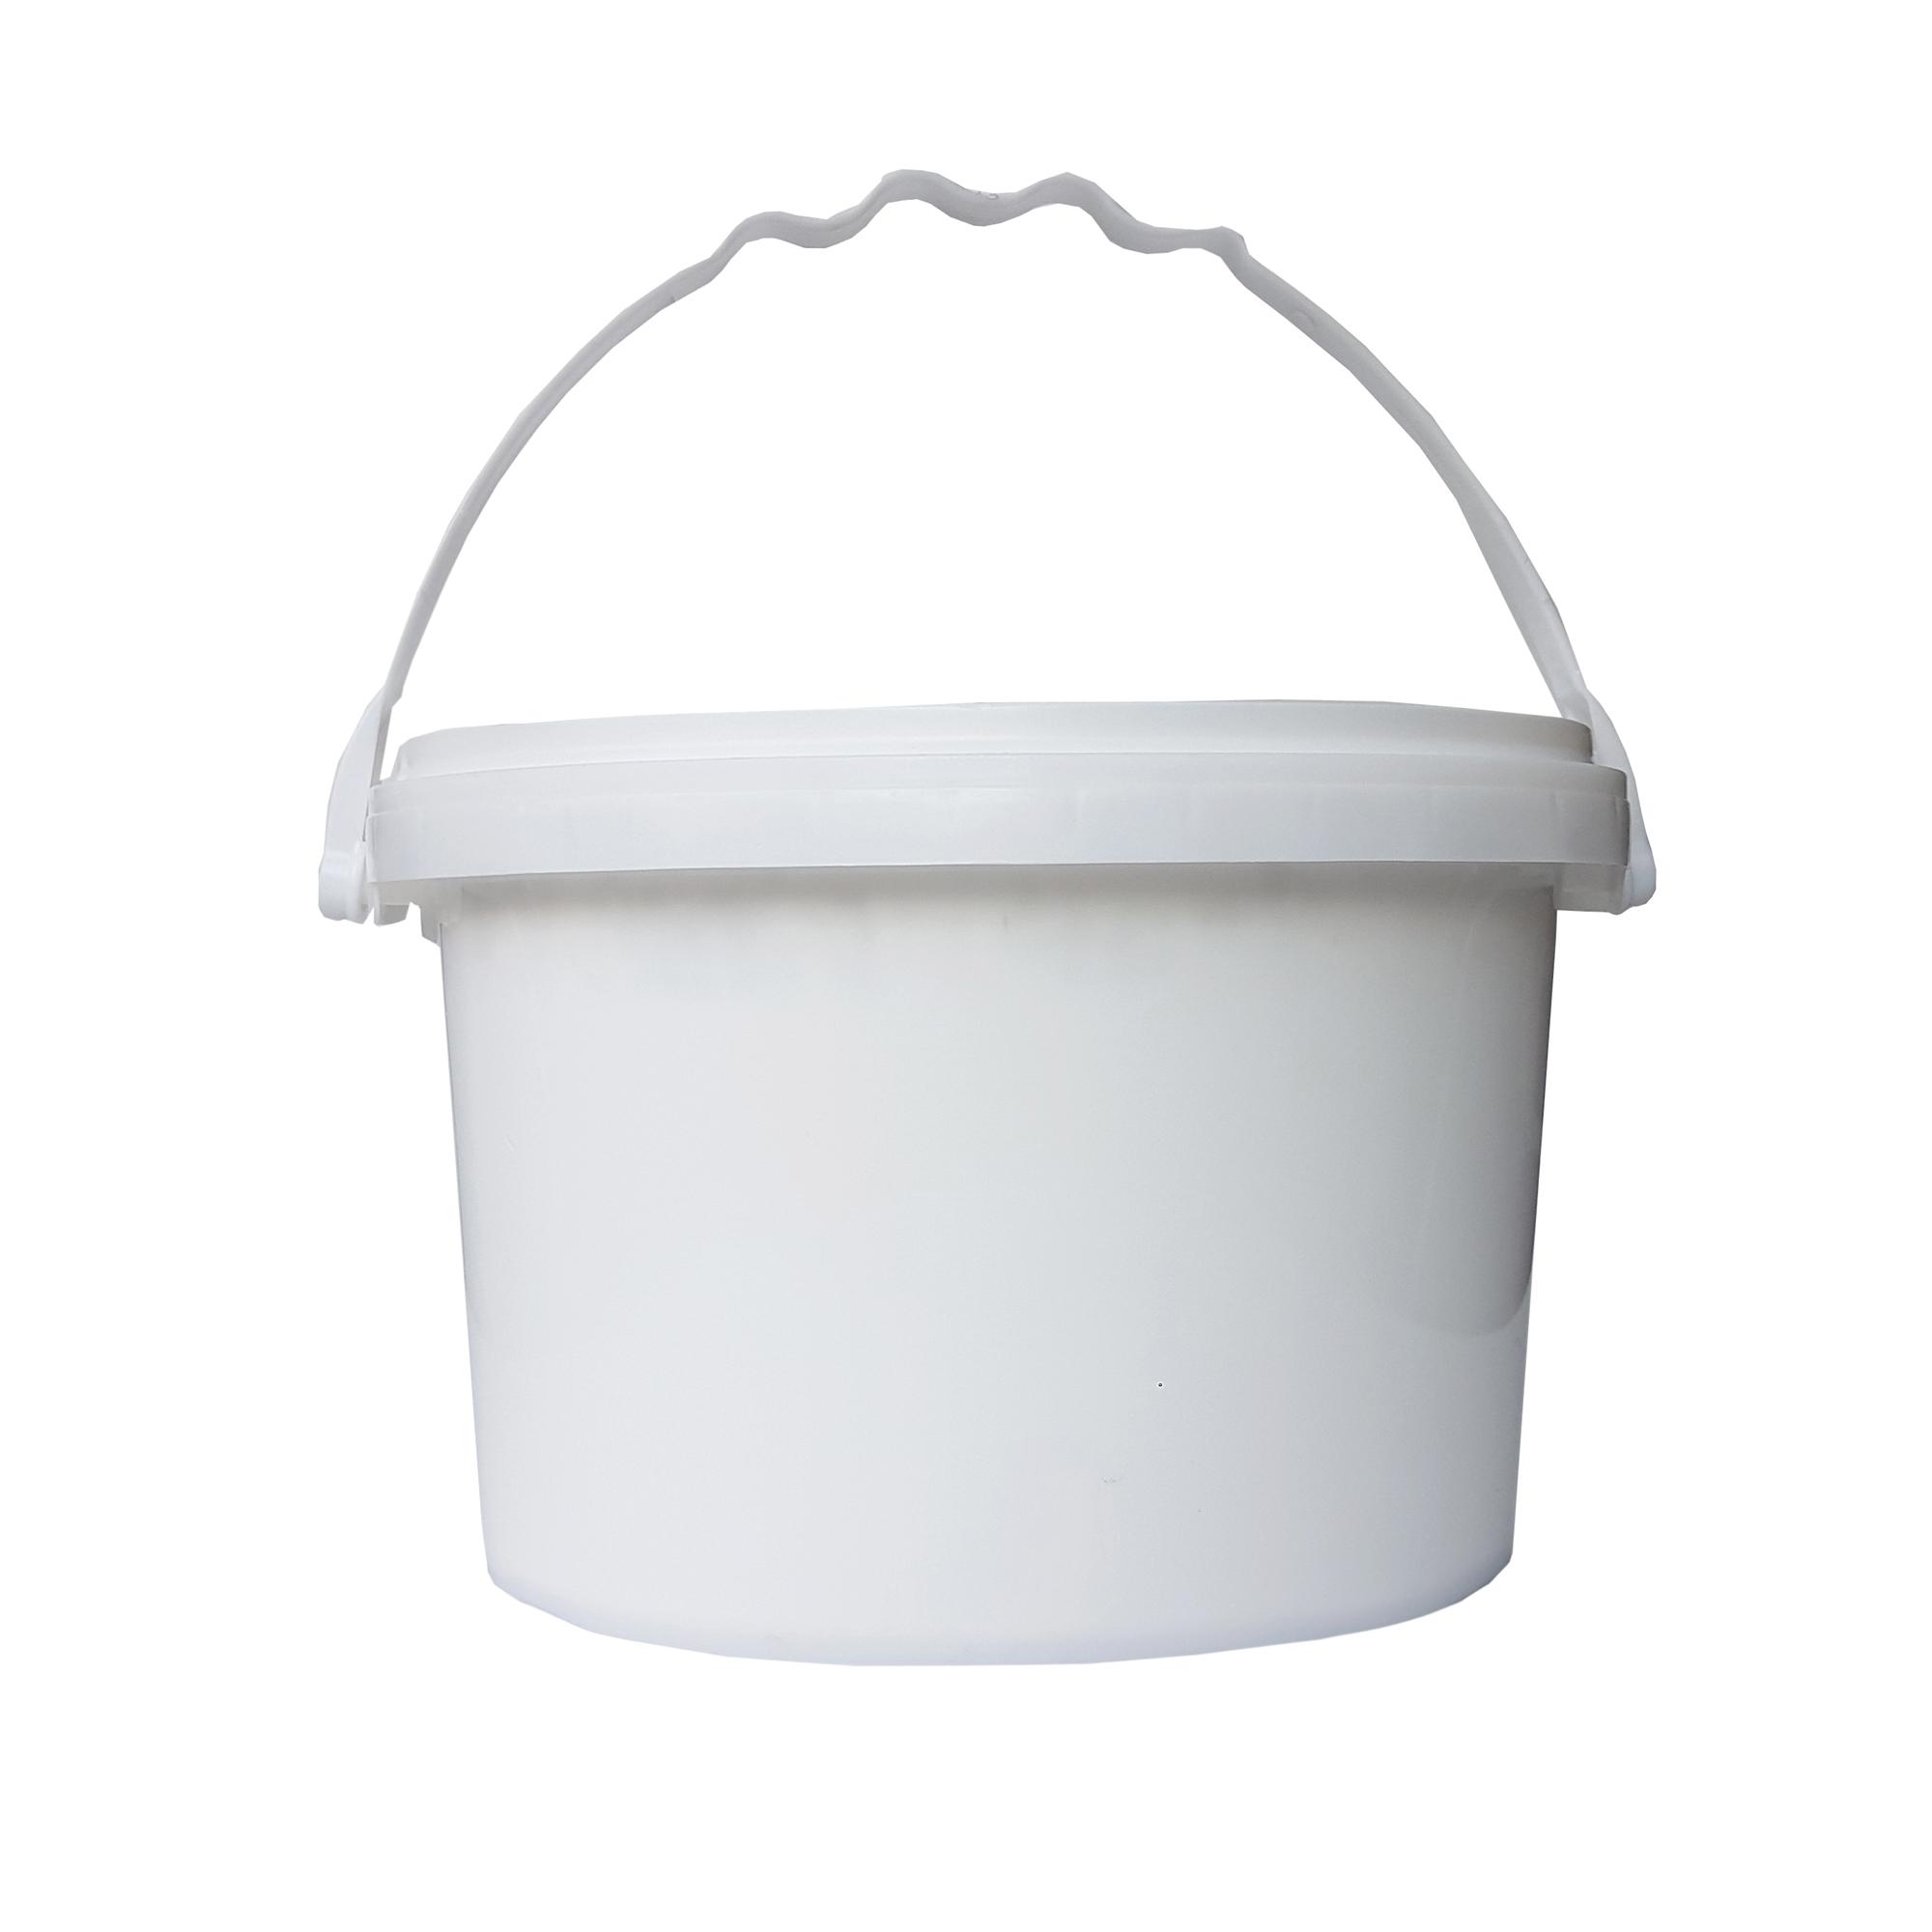 قیمت رنگ سفید آکرولیک کد ۷۱۴ وزن ۳٫۵ کیلوگرم